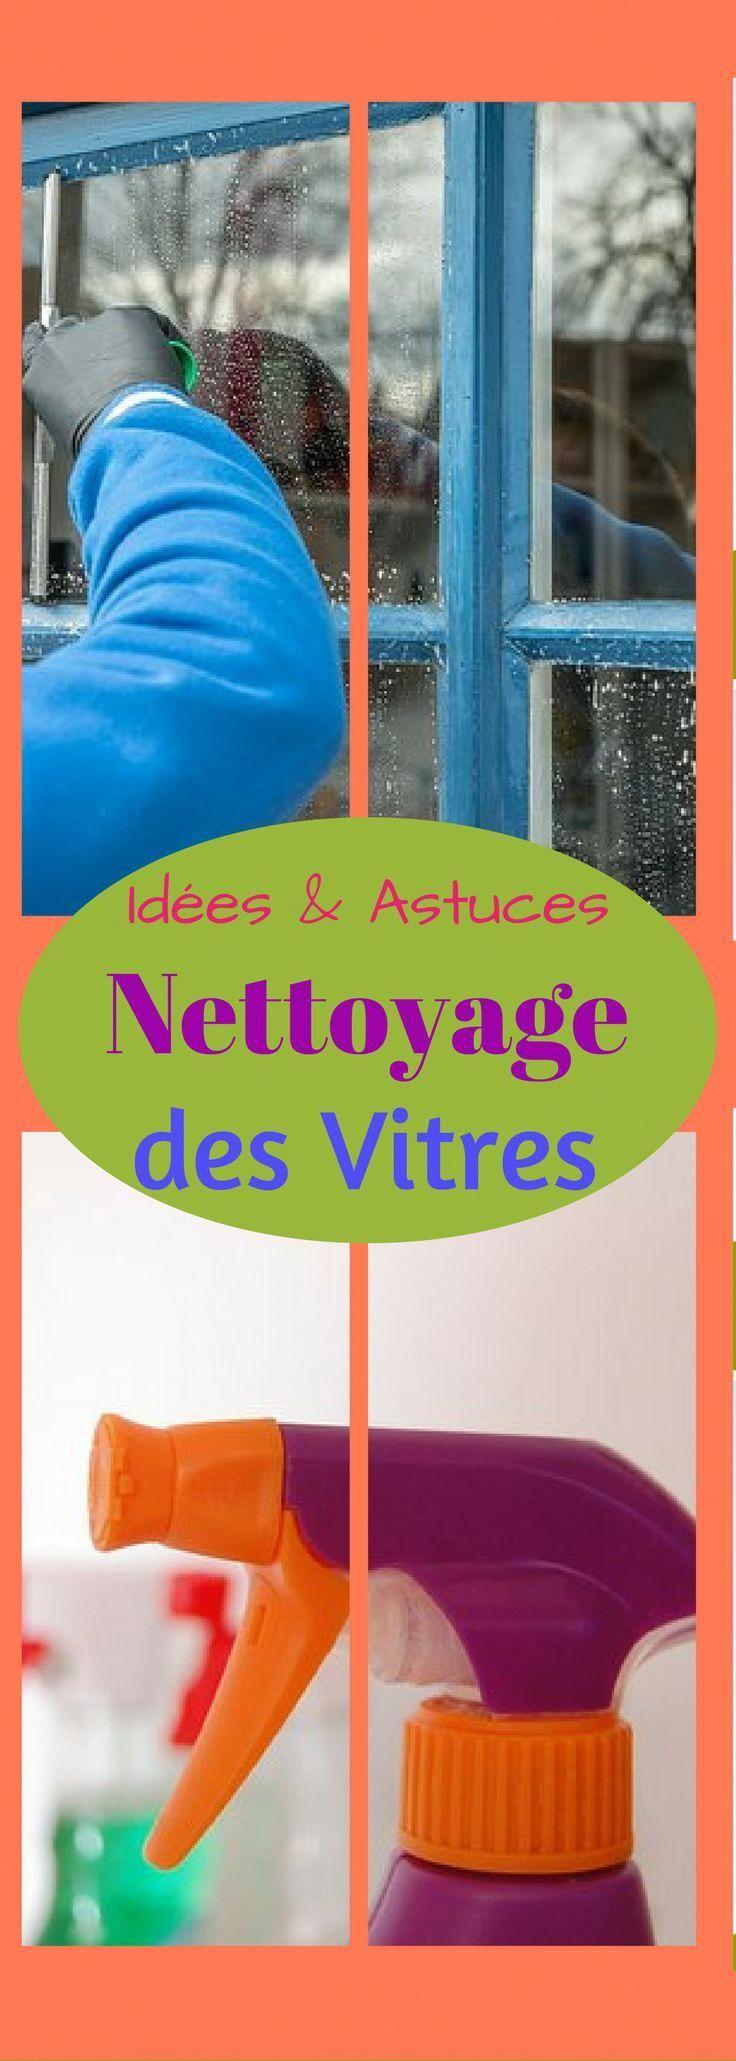 Astuces Pour Bien Nettoyer Les Vitres Vos Vitres Permettent Un